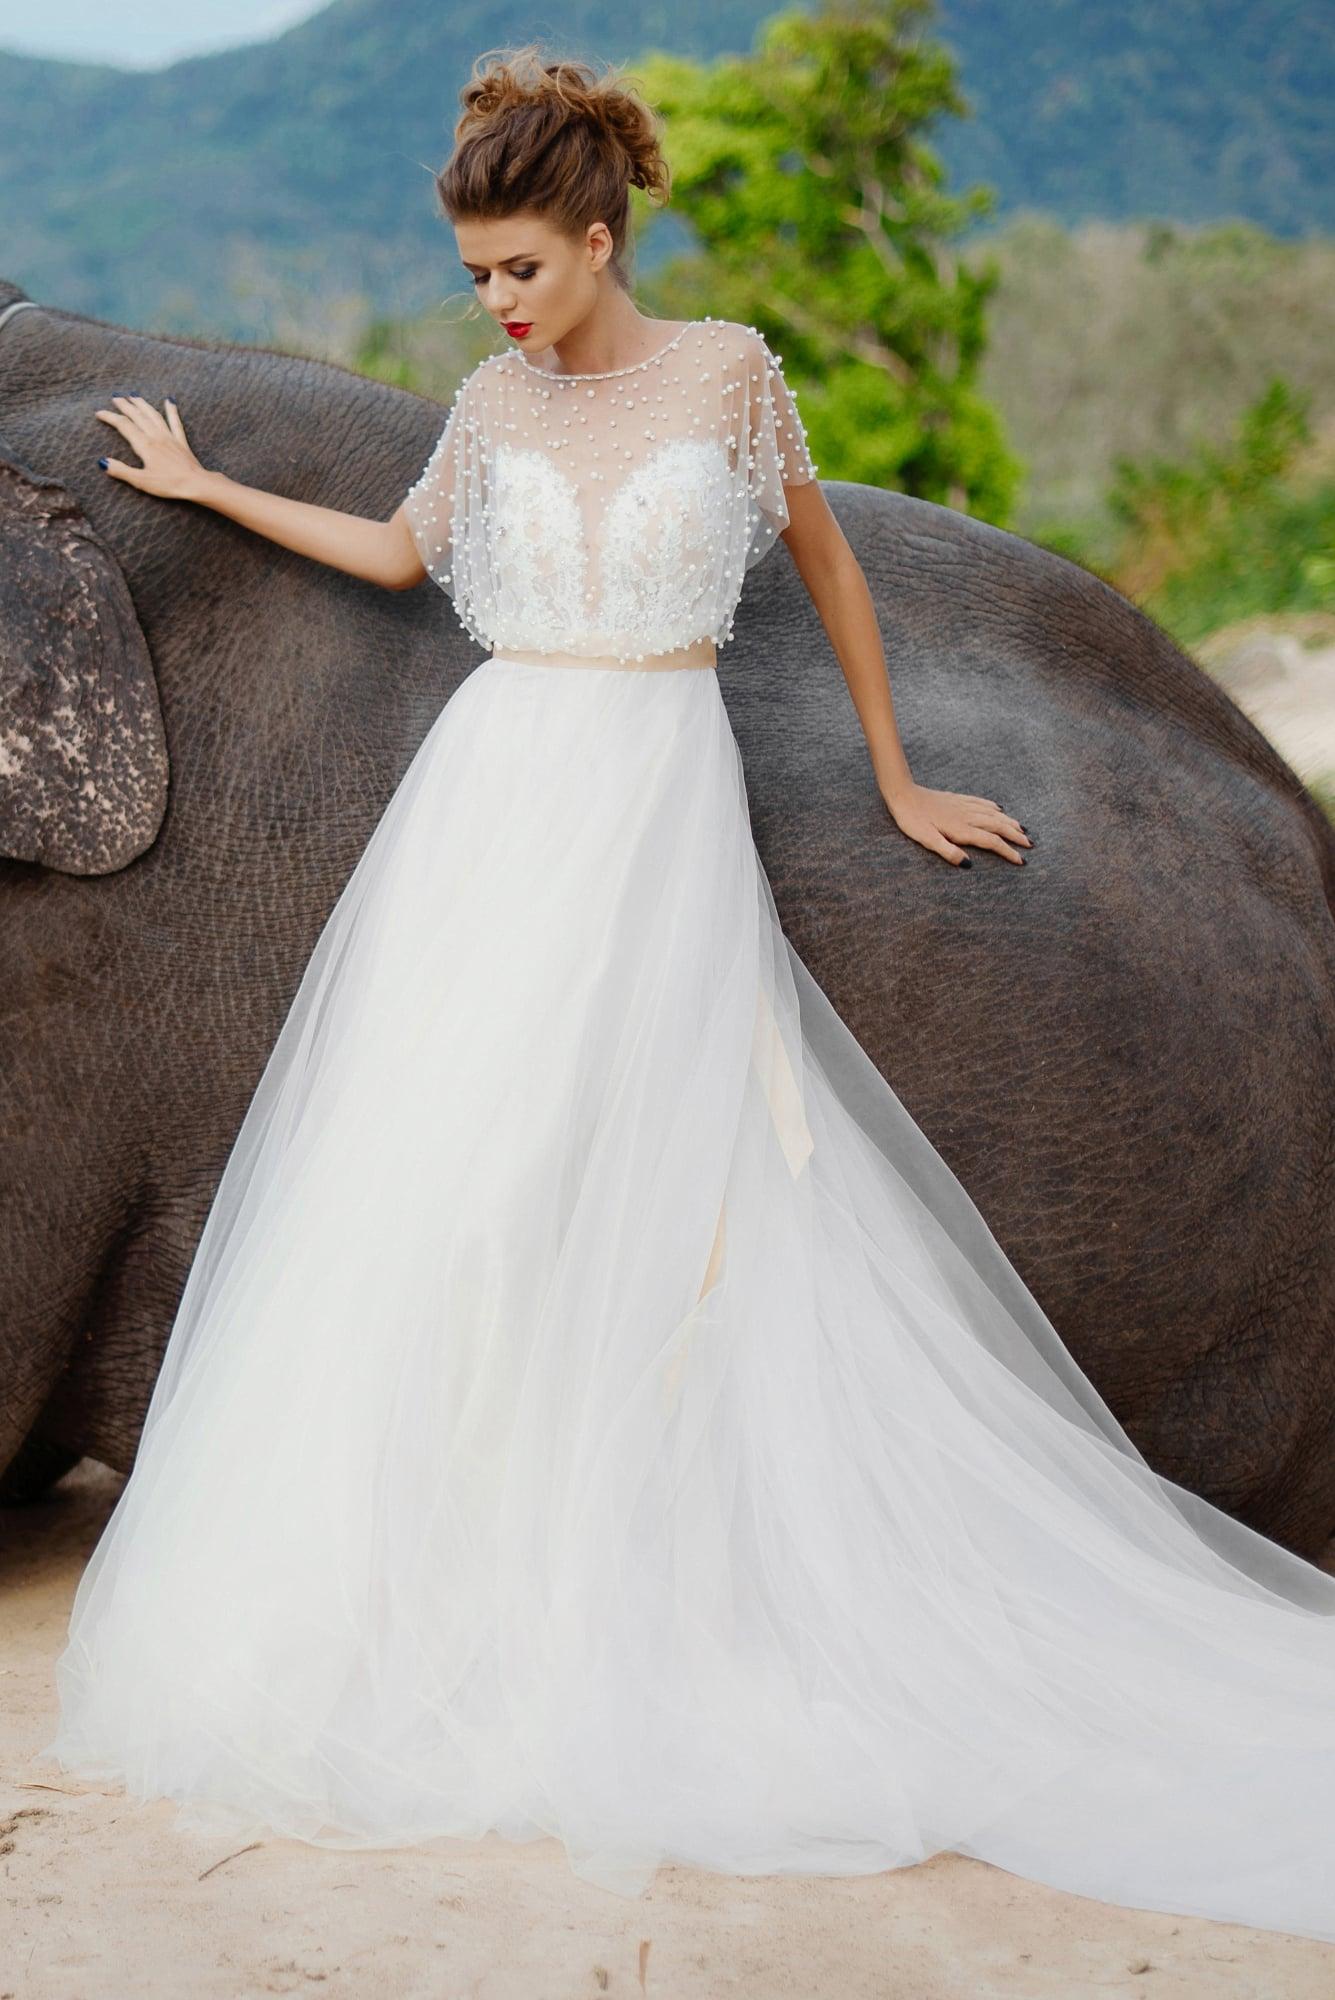 Пышное свадебное платье с необычным верхом с коротким полупрозрачным  рукавом. 0cfae6270b5